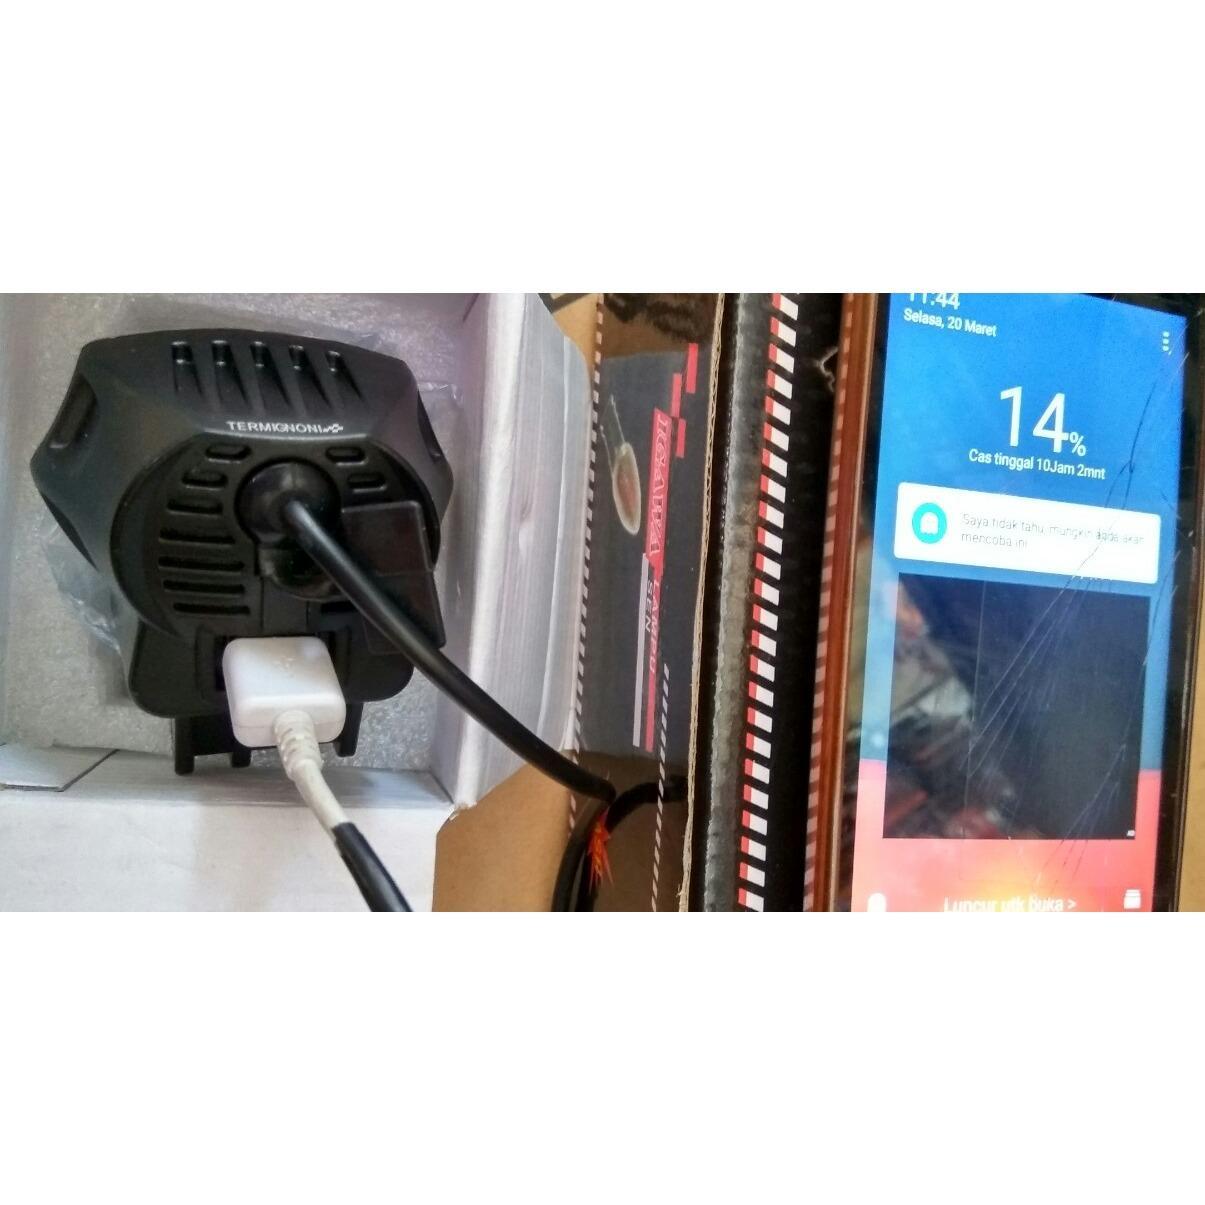 ... Lampu Tembak 2 Mata PLus USB - 5